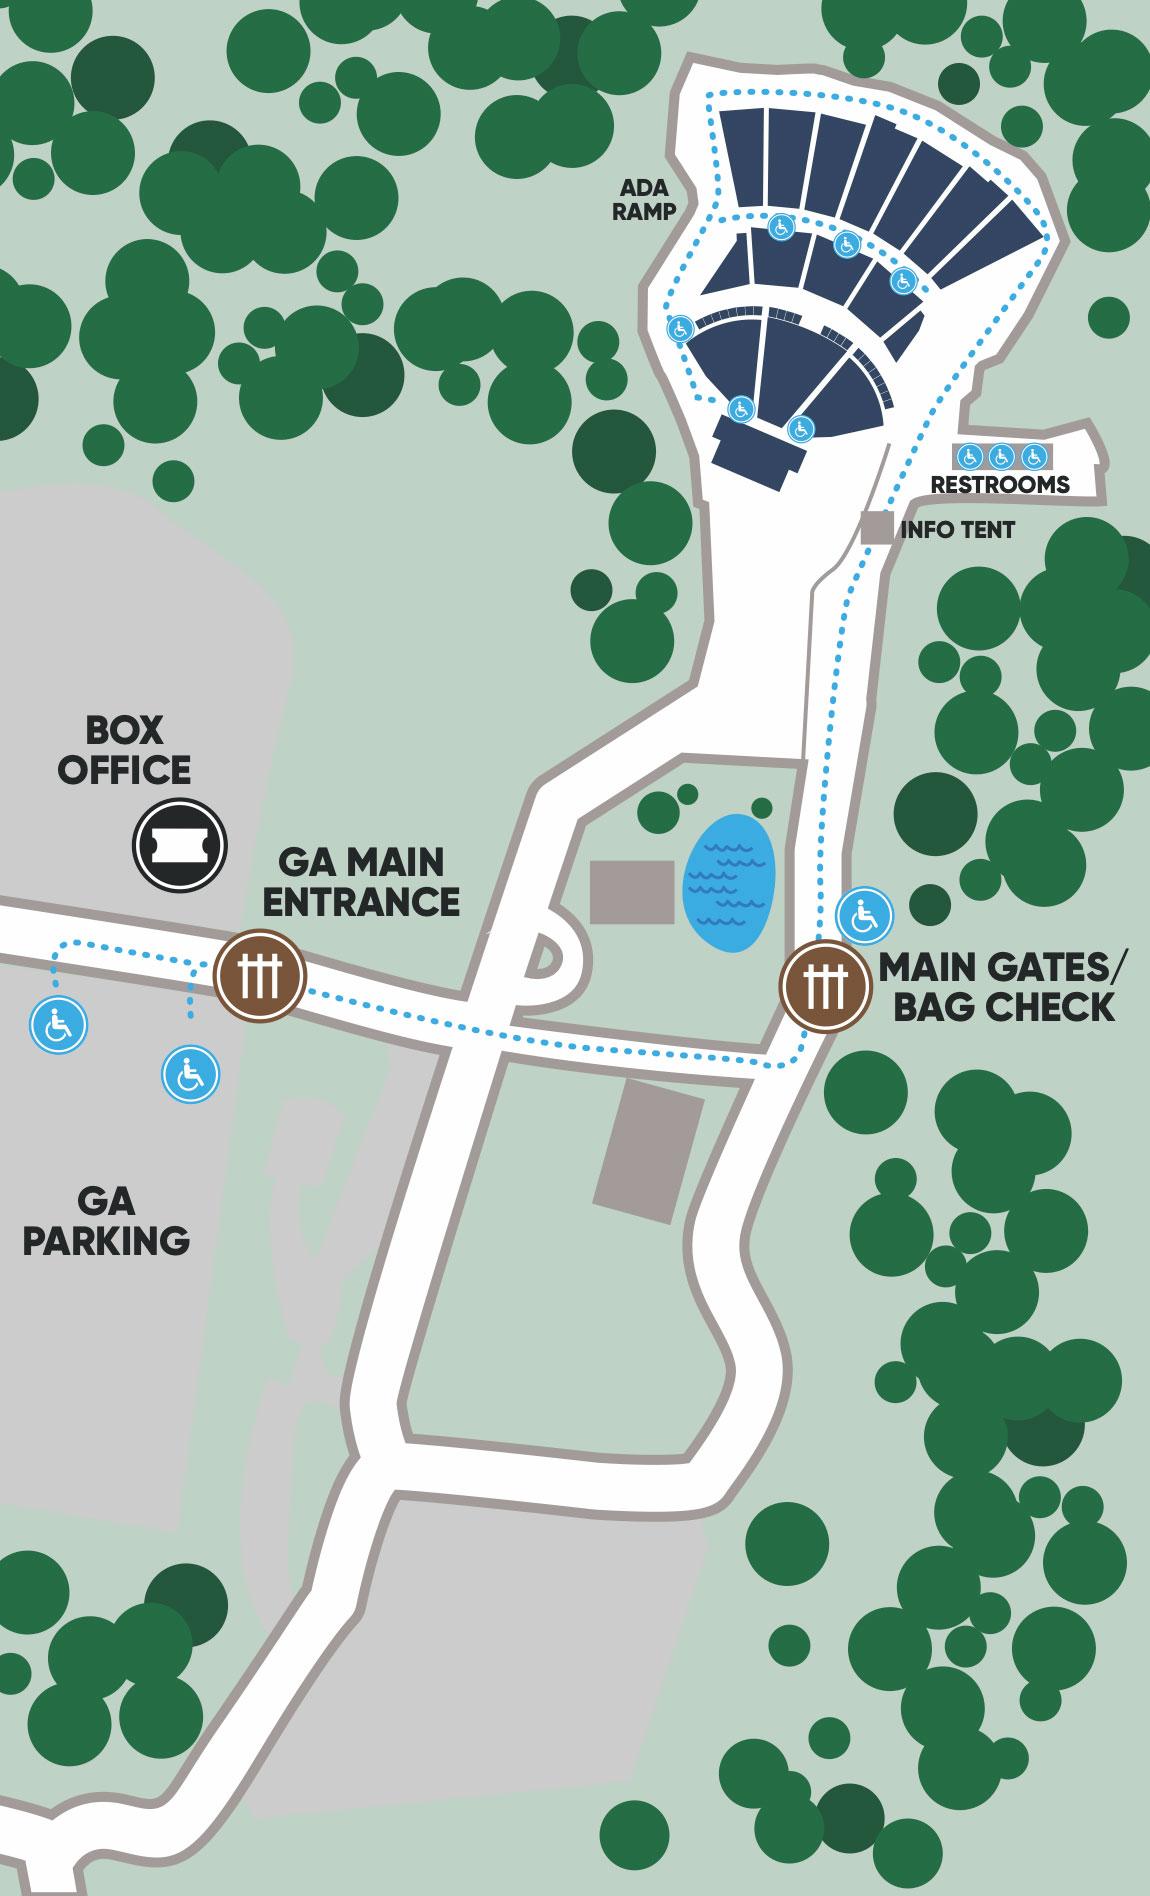 image ADA map